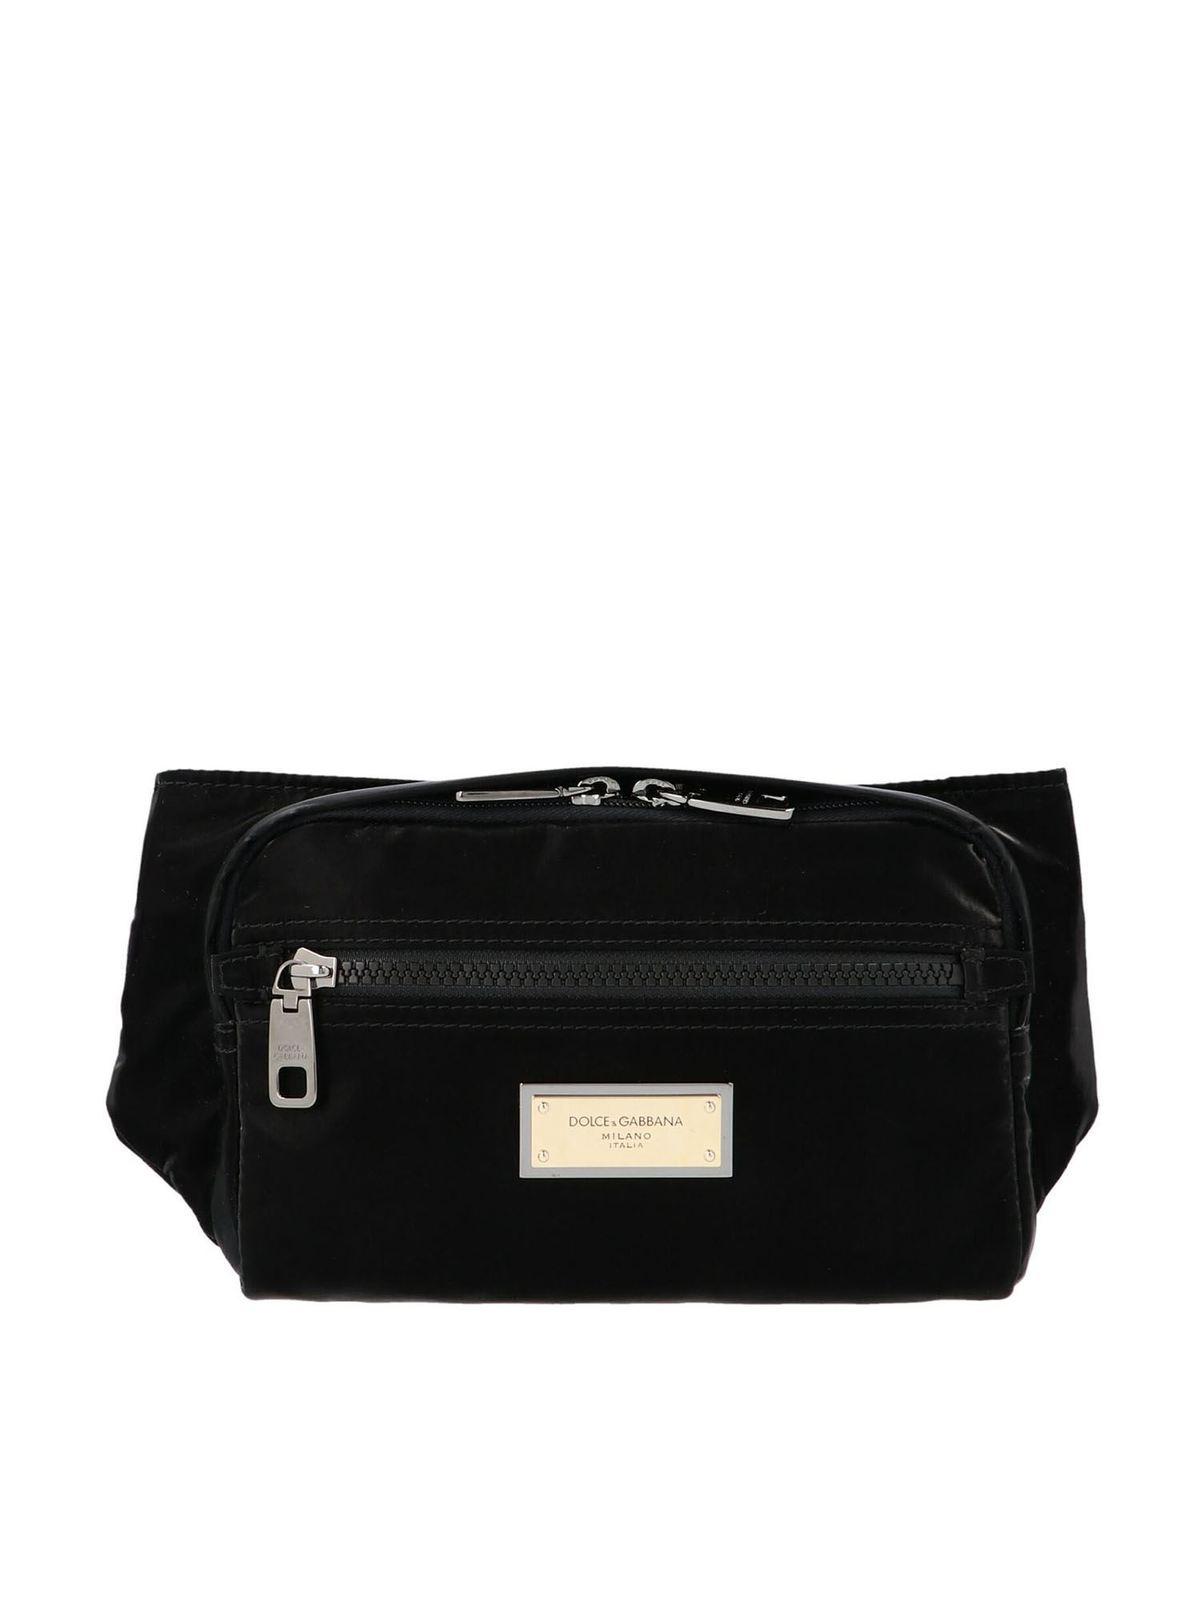 Dolce & Gabbana SICILIA DNA BELT BAG IN BLACK